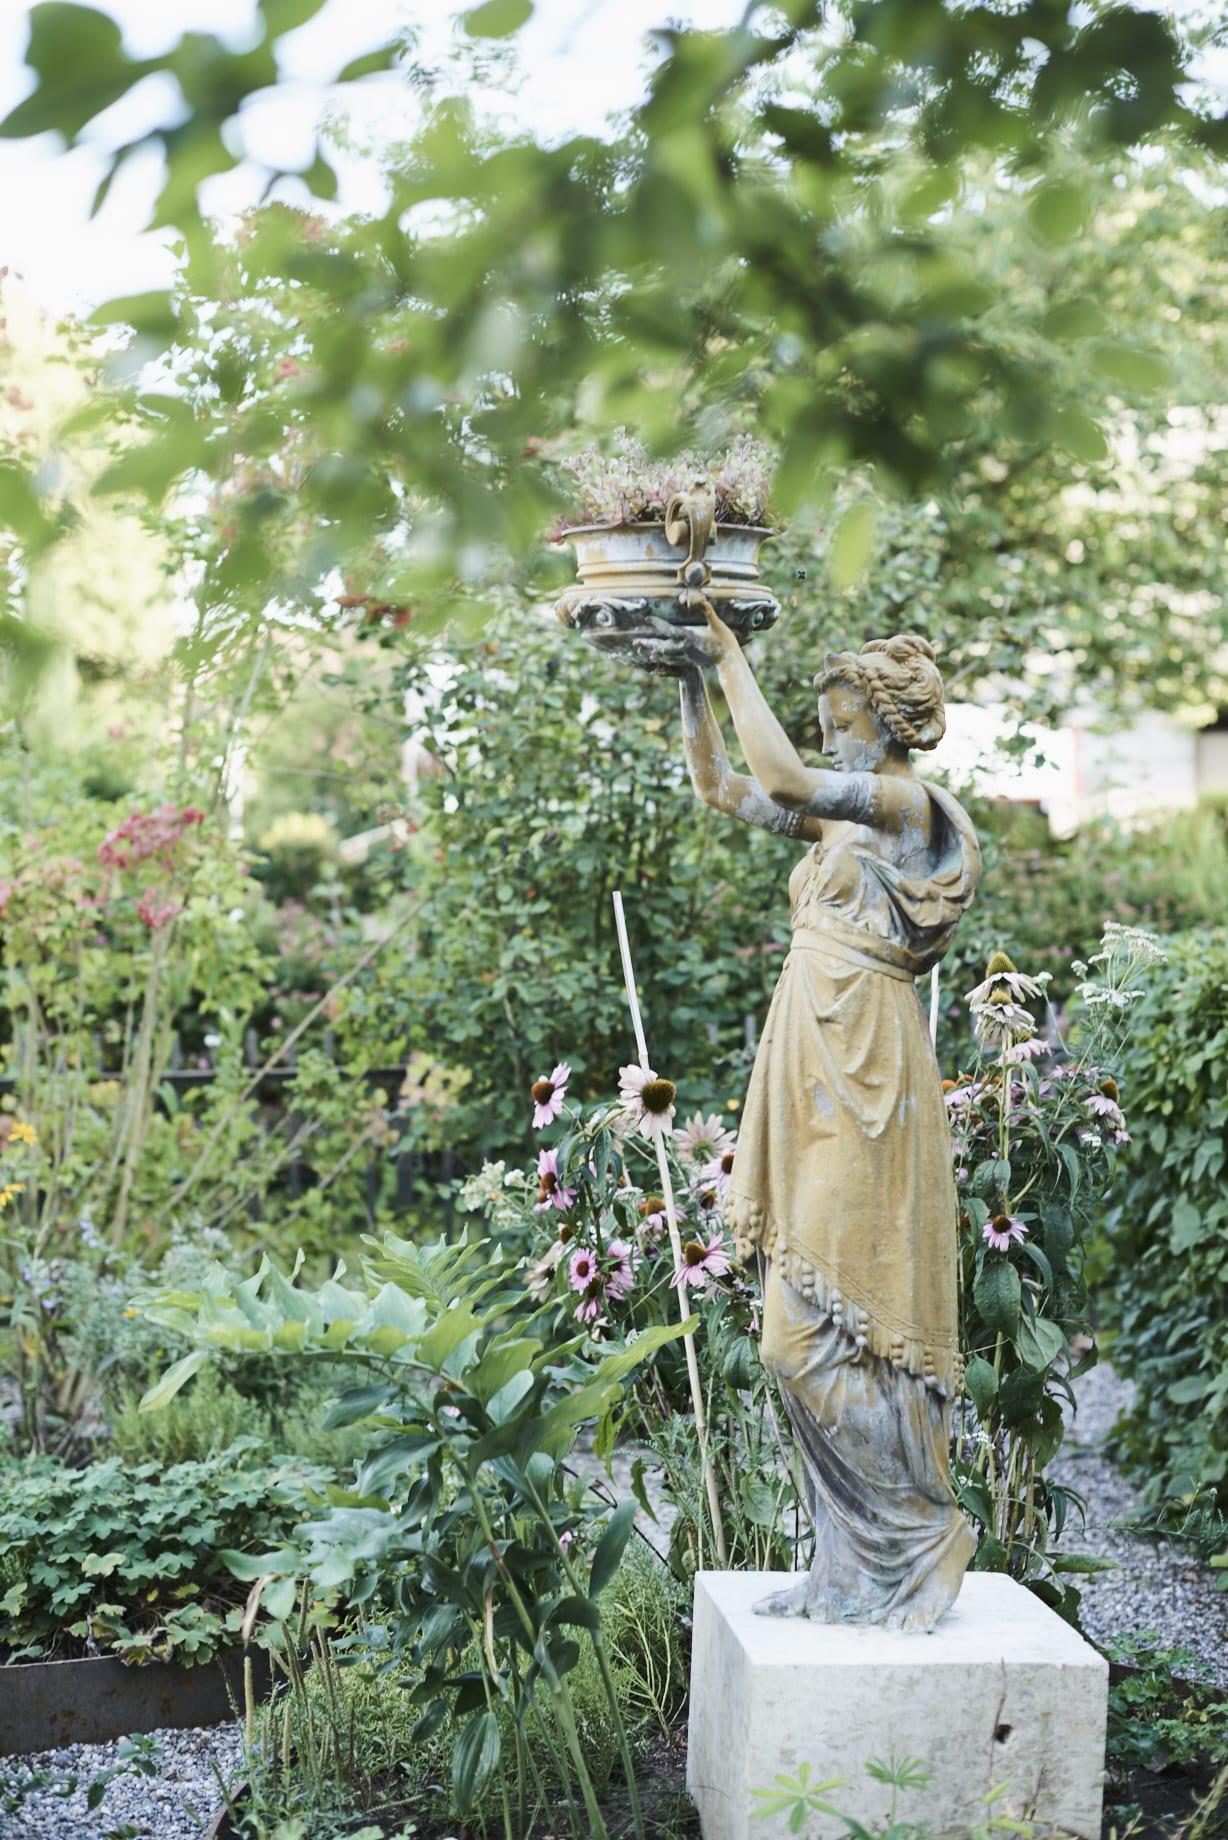 Garten Brittnau, Luzern, Statue / Kunst im Garten, LAND SCHAFFT Landschaftsarchitektur Sursee / Luzern